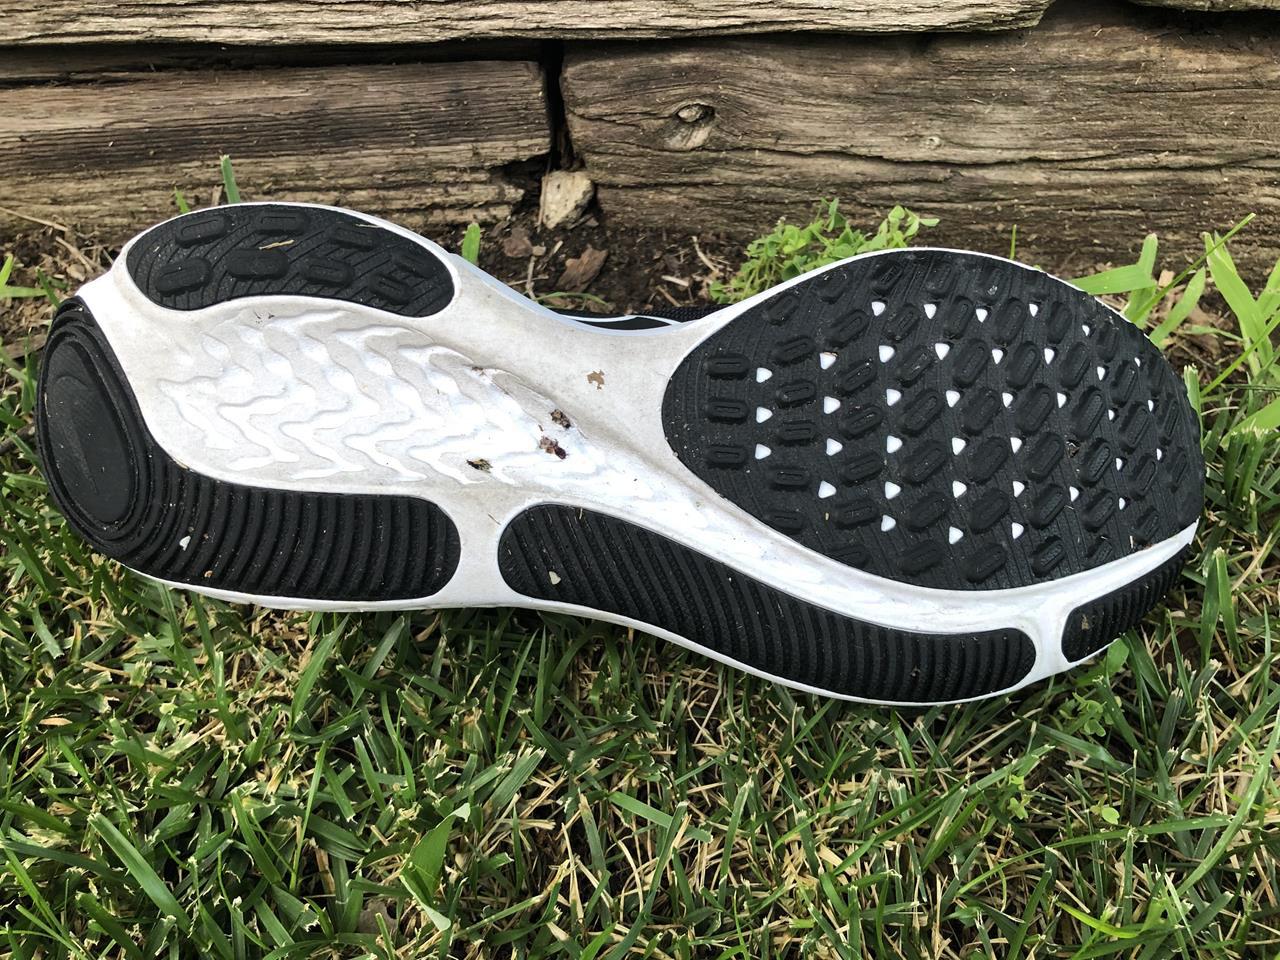 Nike React Miler 2 - Sole